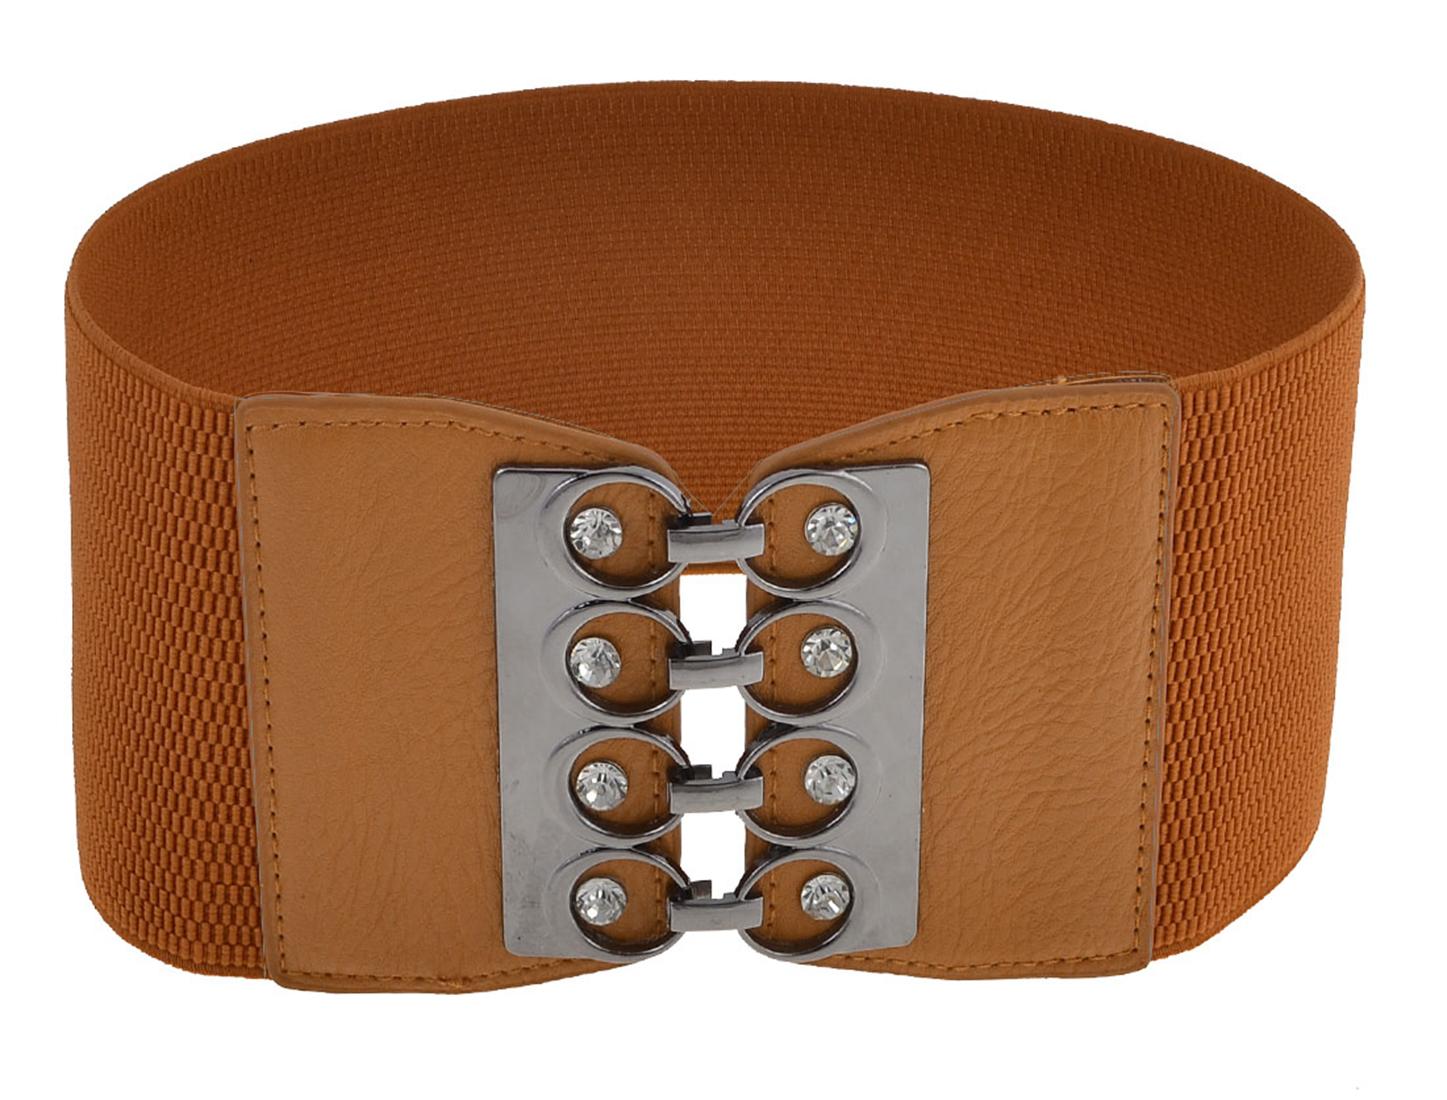 Ladies Glittery Rhinestones Detail Interlocking Buckle Elastic Cinch Belt Brown